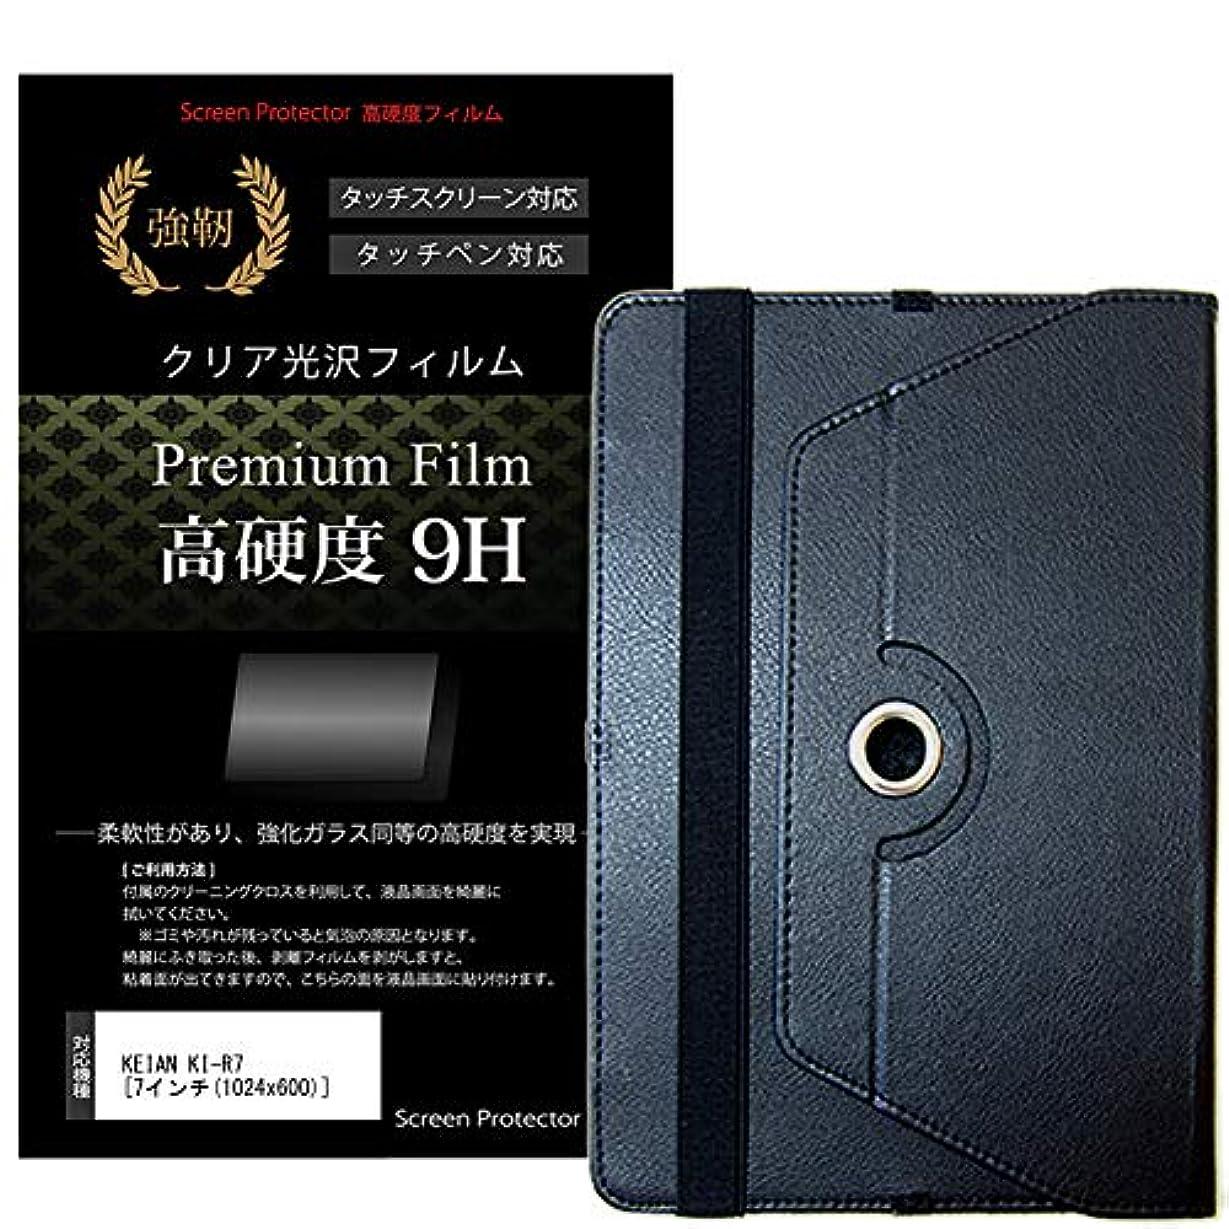 アラーム曇った餌メディアカバーマーケット KEIAN KI-R7 [7インチ(1024x600)]機種で使える【360度回転スタンドレザーケース 黒 と 強化ガラス同等 高硬度9H 液晶保護フィルム のセット】